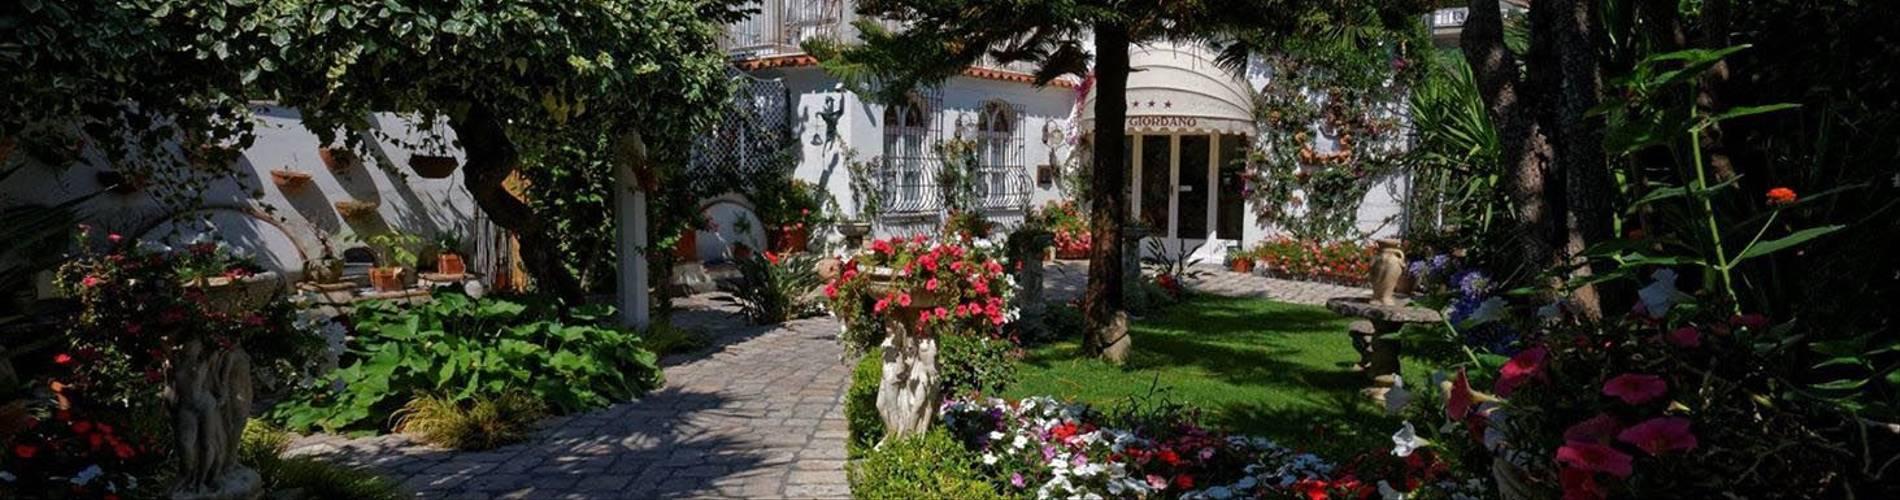 Giordano, Amalfi Coast, Italy (2).jpg